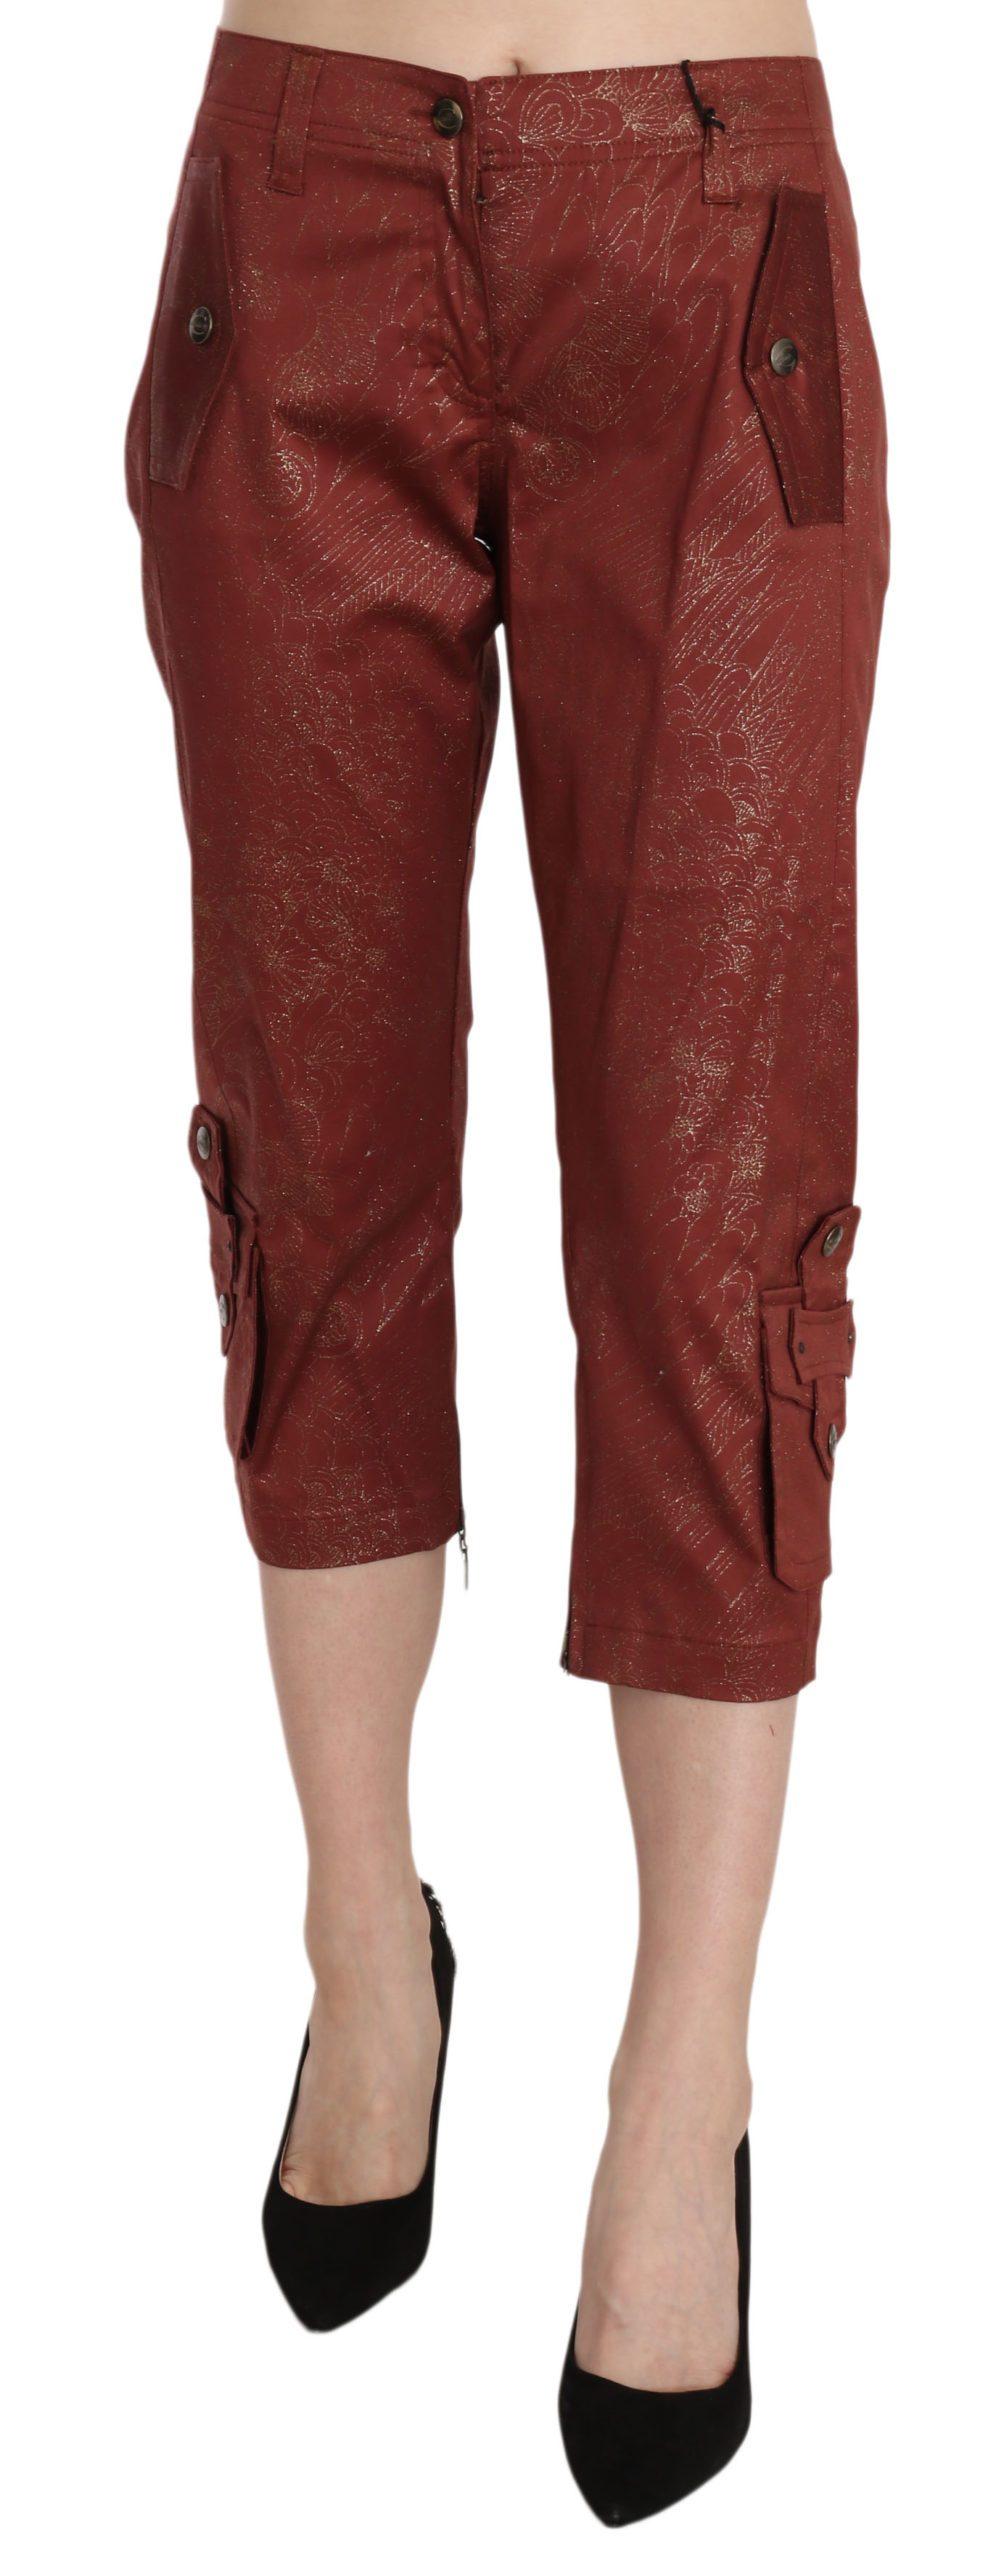 Just Cavalli Women's Cotton Capri Trouser Bordeaux PAN70293 - IT46|XL